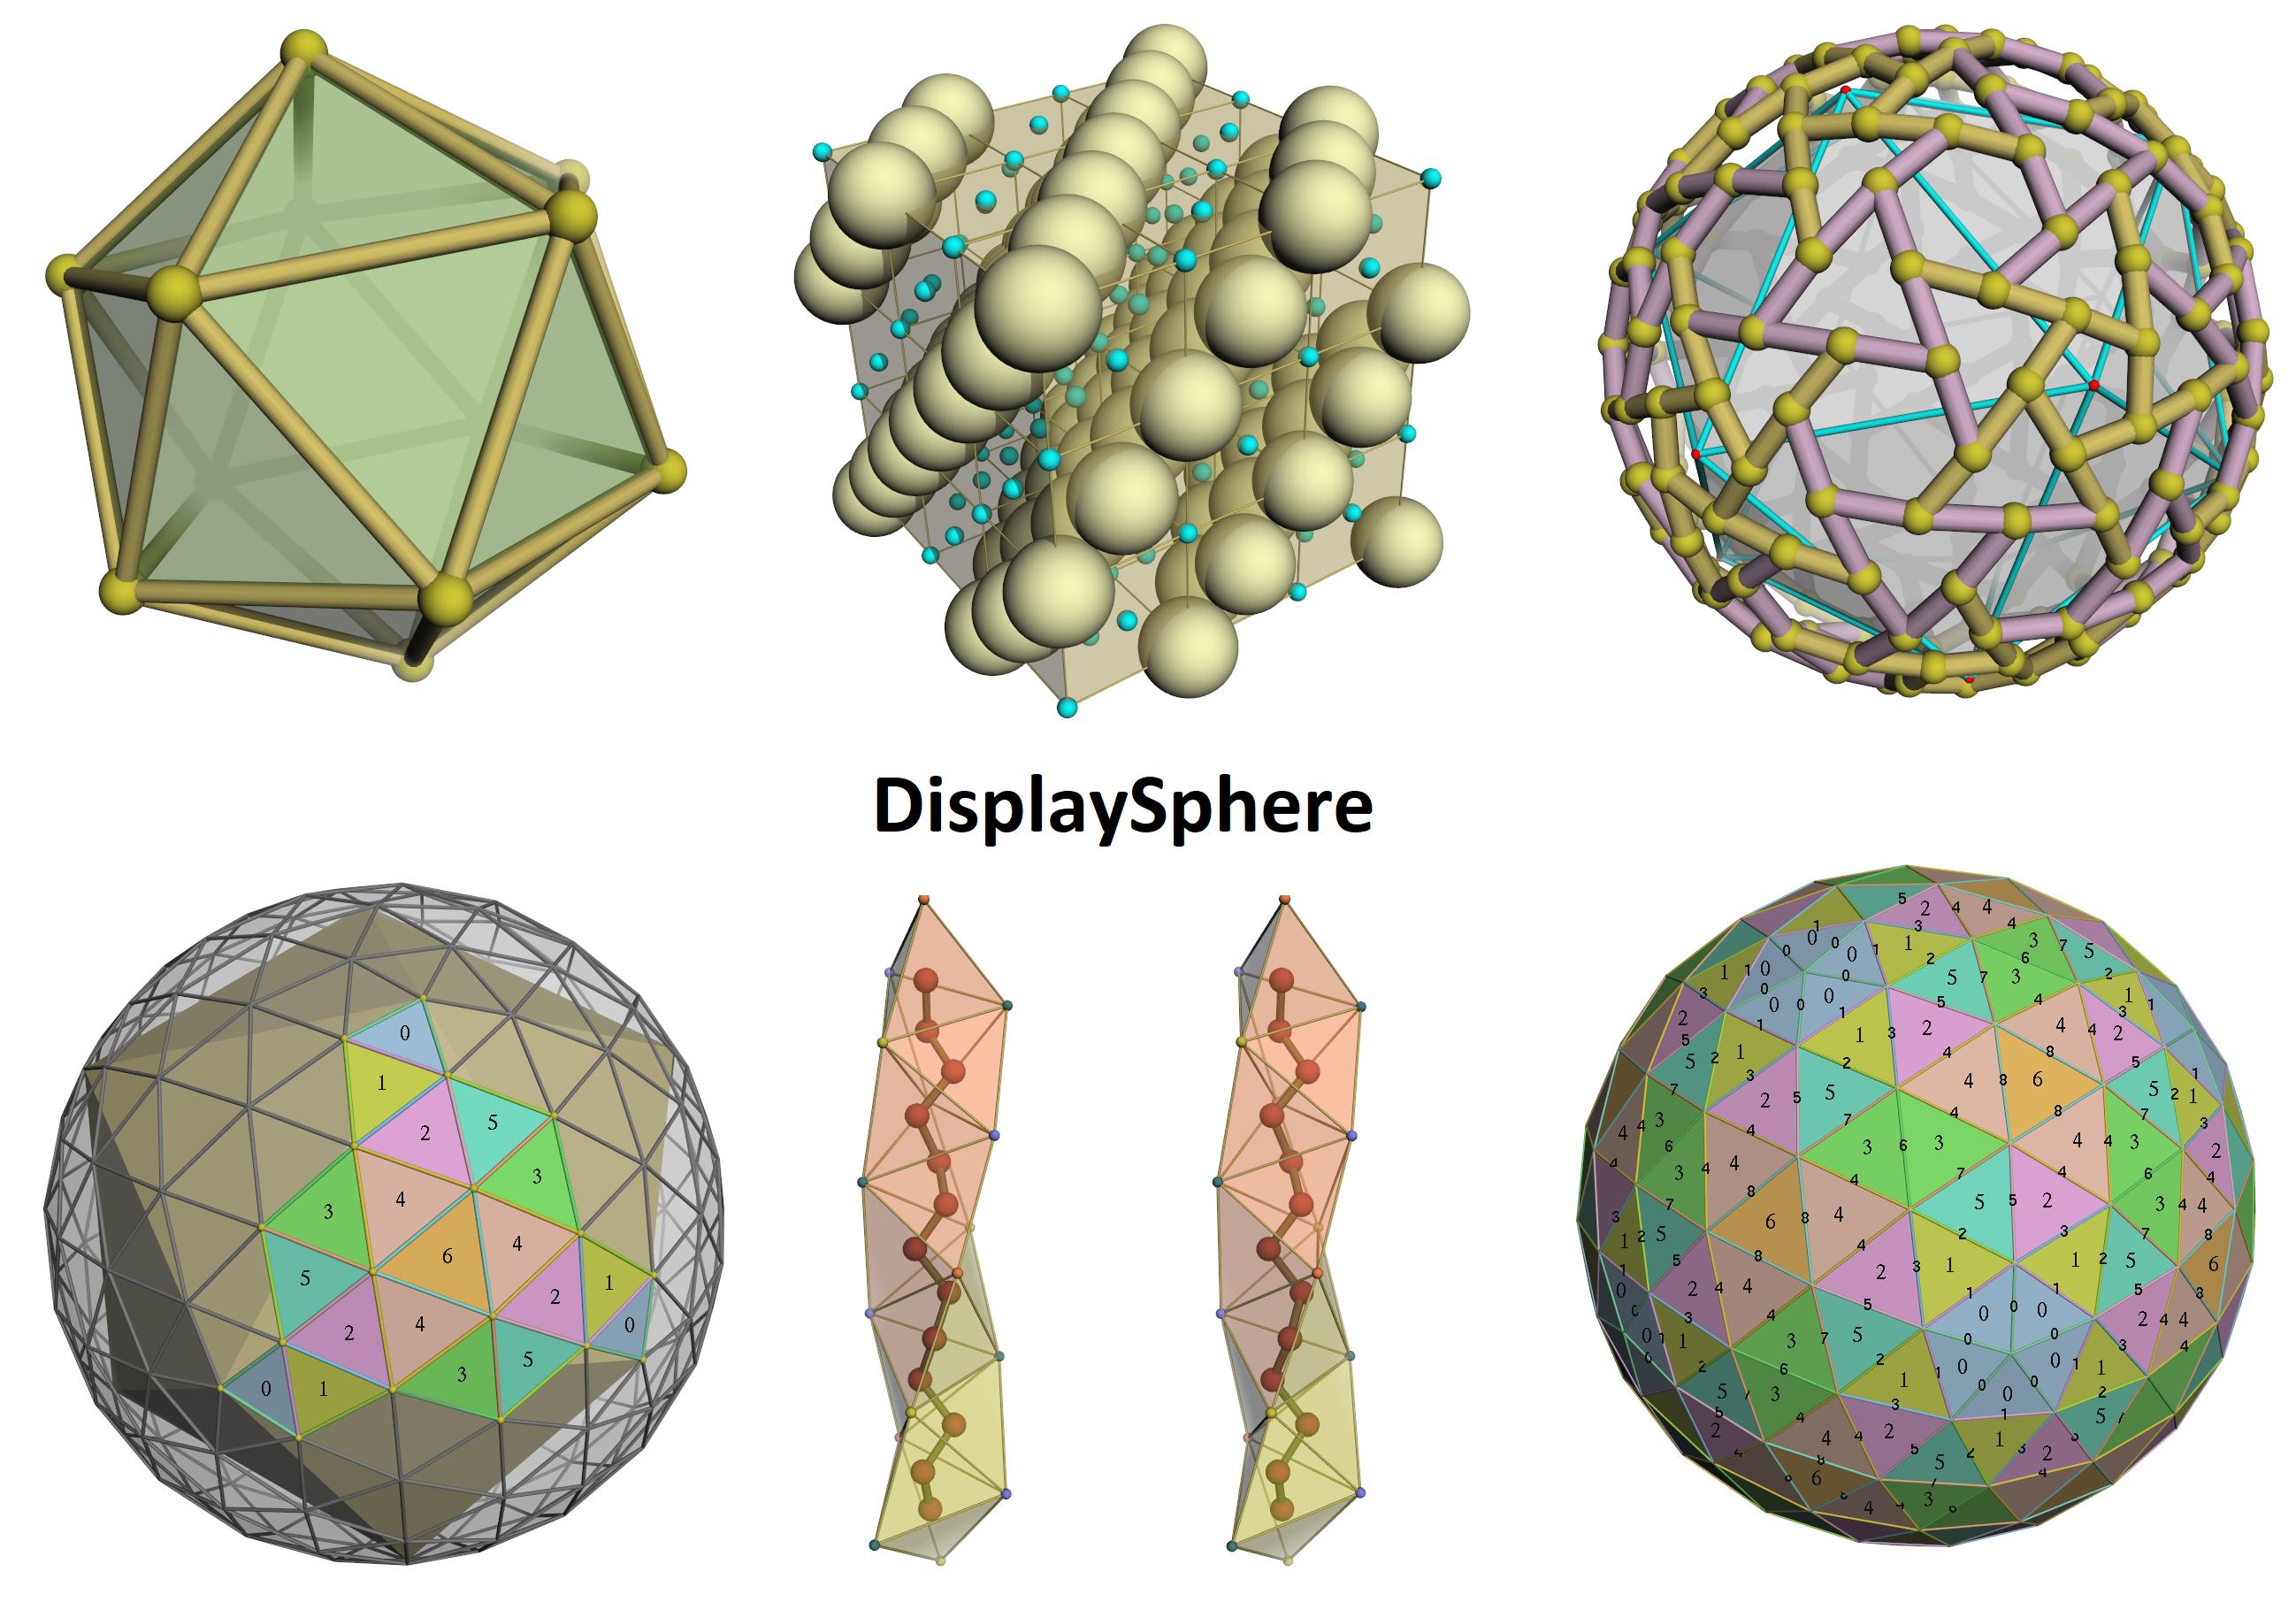 DisplaySphere